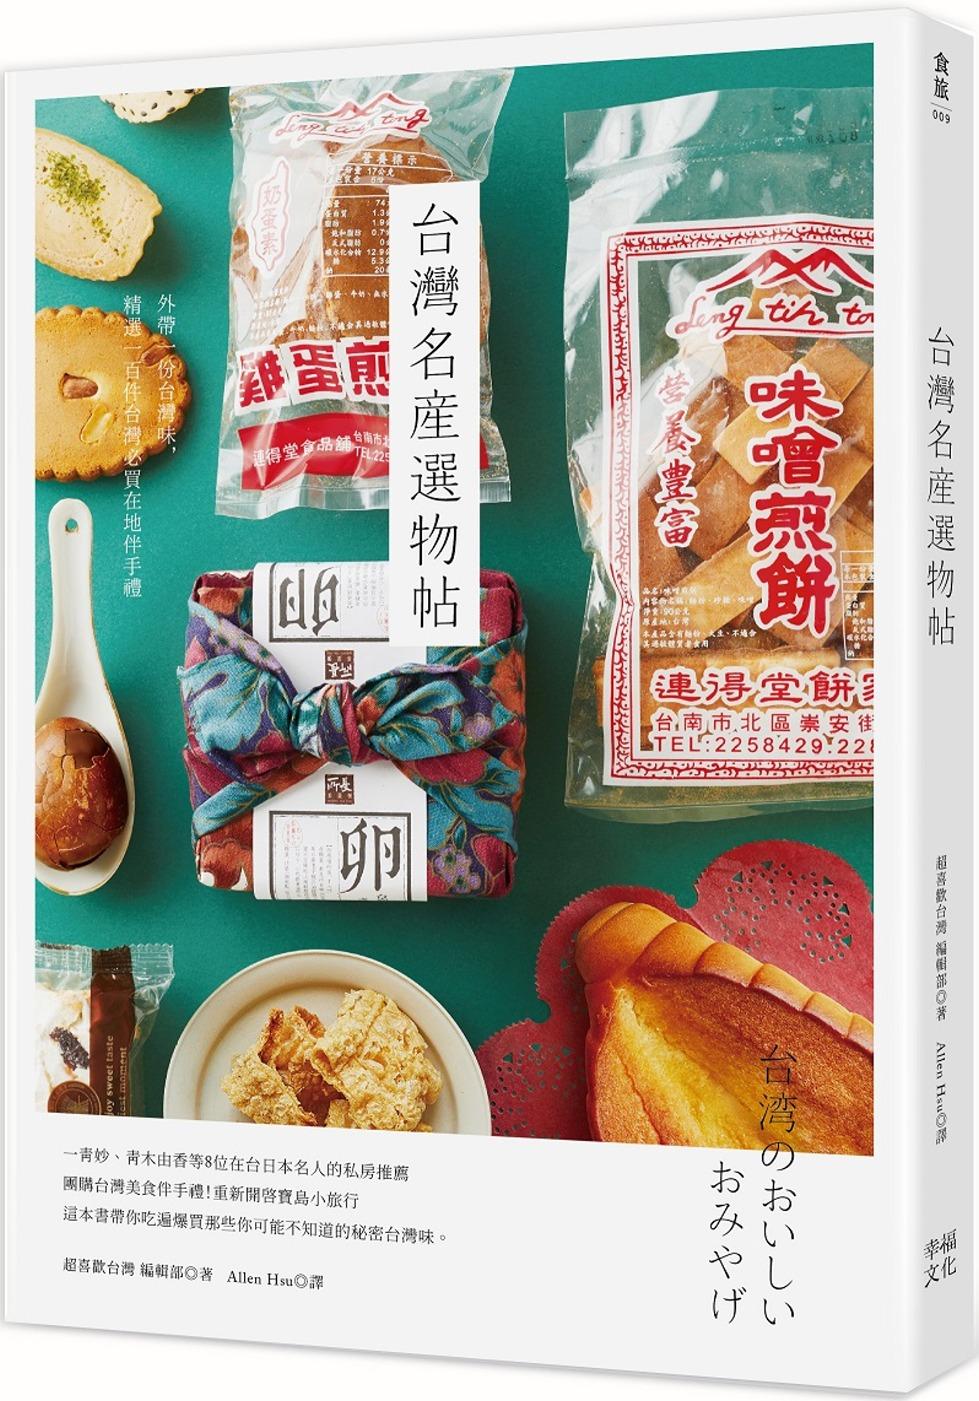 台灣名產選物帖:外帶一份台灣味,精選一百件台灣必買在地伴手禮